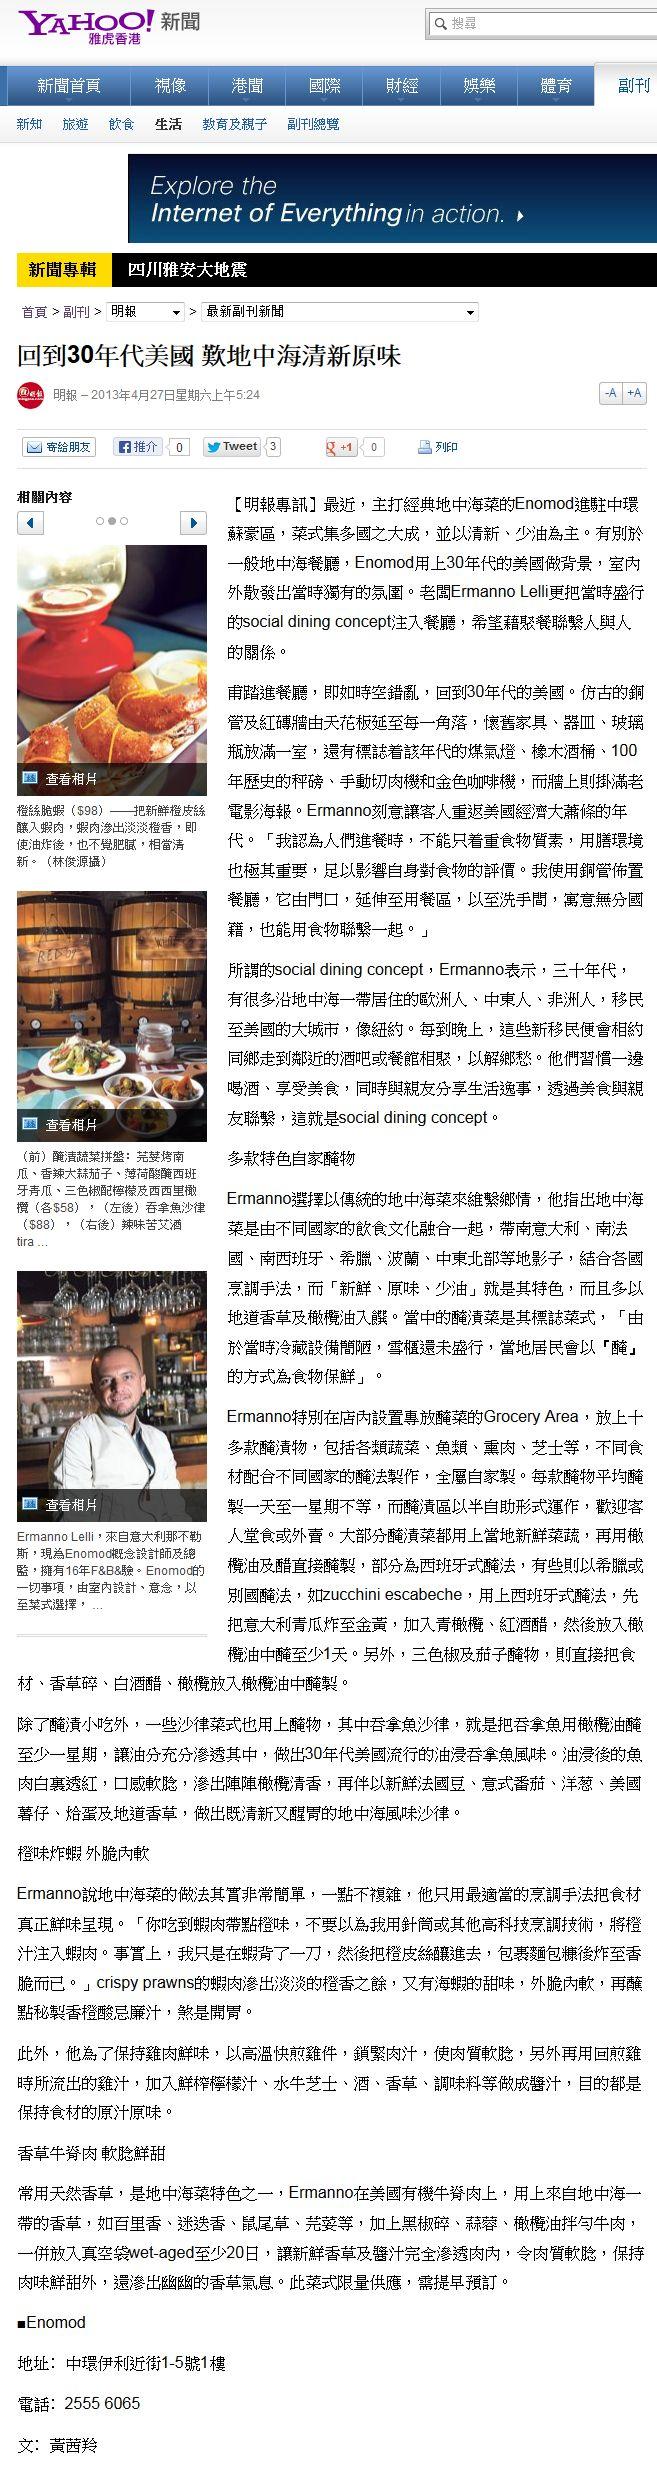 ENOMOD - 27.04 - Yahoo HK (online).jpg